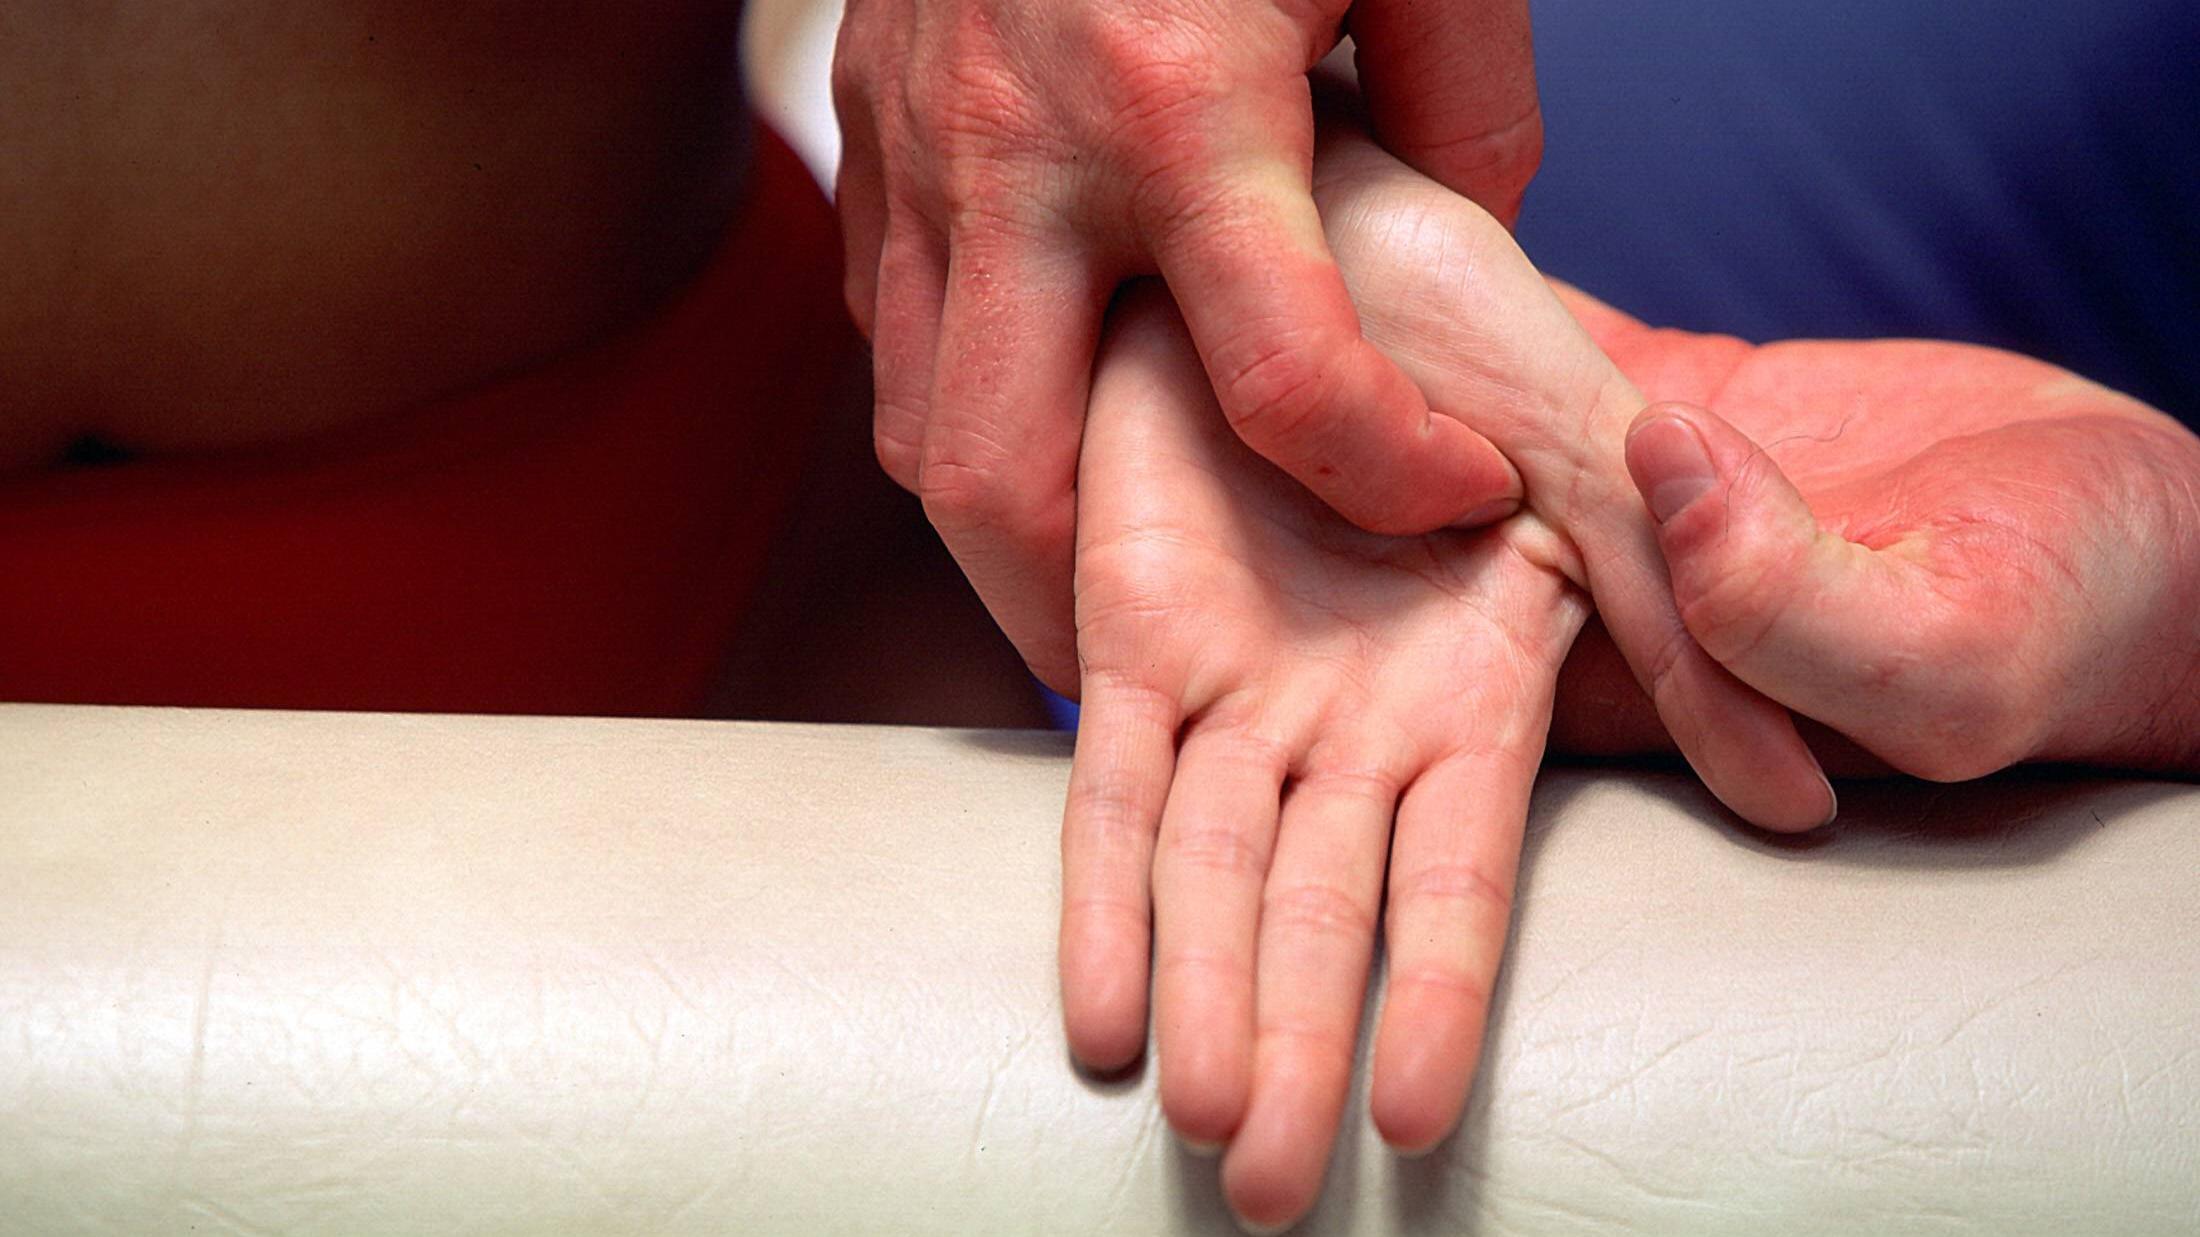 Eine Handreflexzonenmassage kann auch ganz einfach in einer Selbstbehandlung durchgeführt werden.